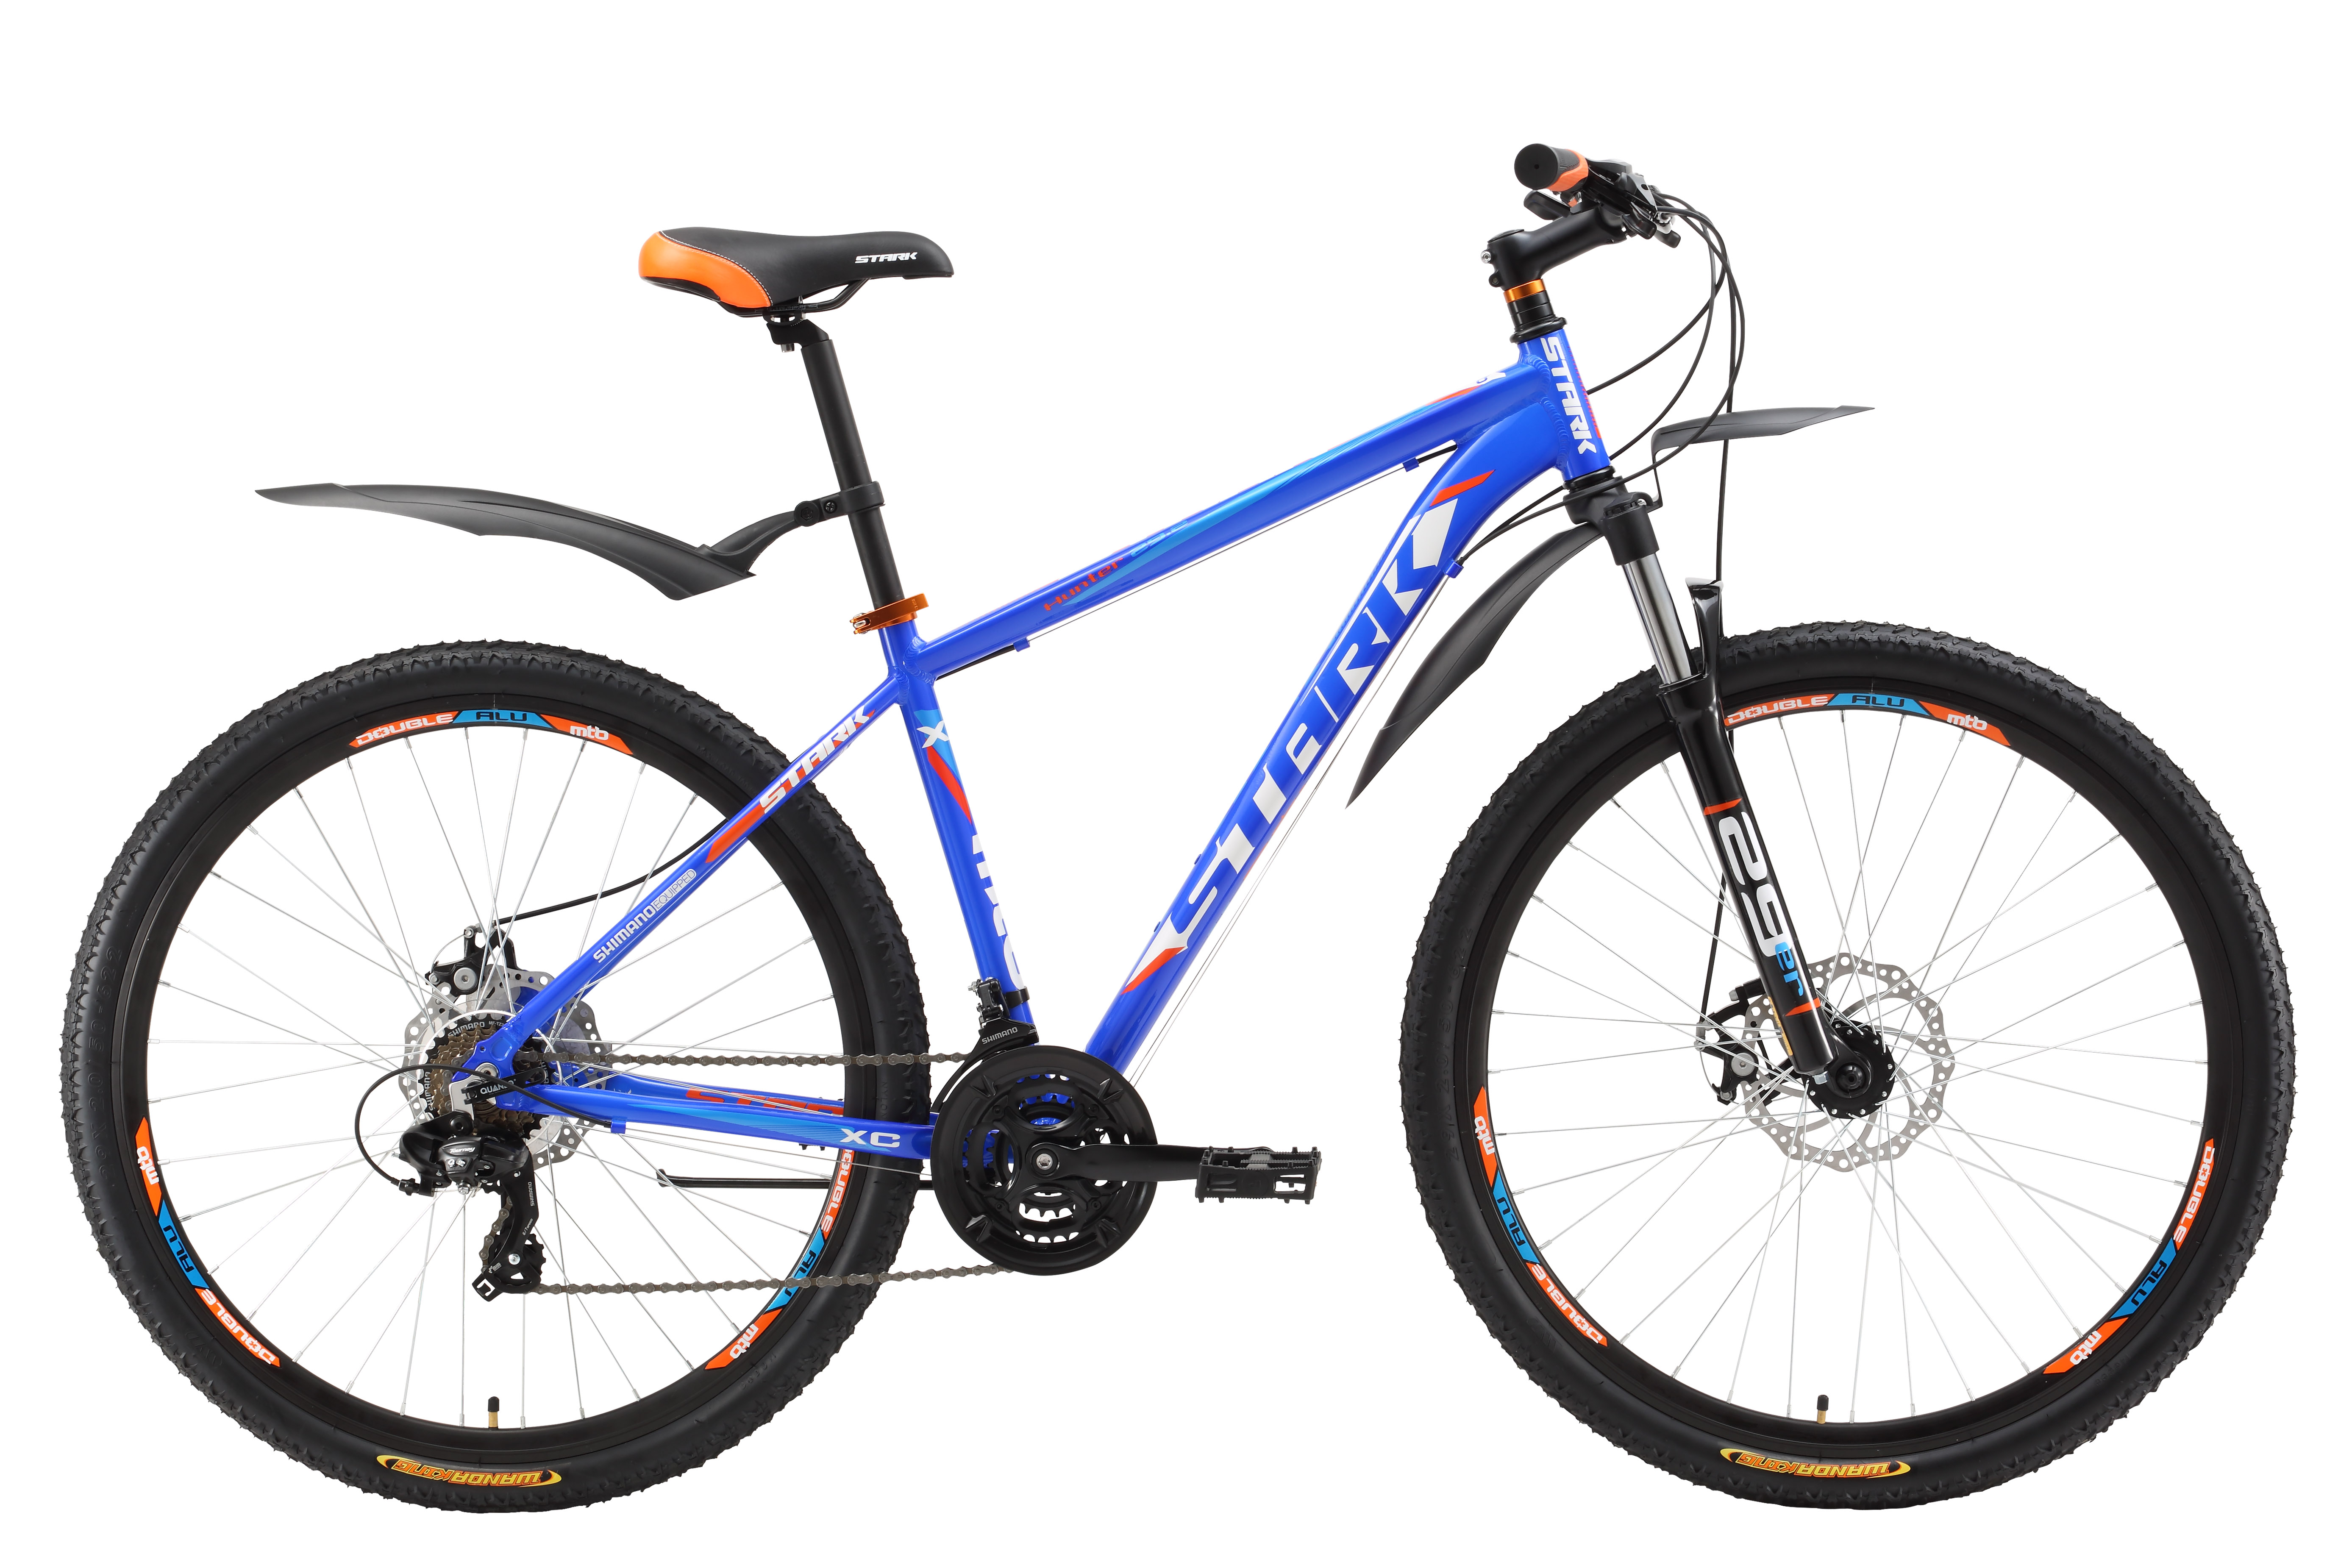 Велосипед Stark Hunter 29.2 D (2017) сине-оранжевый 18КОЛЕСА 29 (НАЙНЕРЫ)<br>Отличный горный велосипед с диаметром колес 29 дюймов. Эта модель прекрасно подходит для езды по дорогам и пересечённой местности. Лёгкая алюминиевая рама позволяет велосипеду хорошо маневрировать и набирать скорость. Велосипед оборудован надёжными механическими тормозами с диаметром ротора 180мм. Трансмиссия велосипеда имеет 21 передачу, что позволяет подбирать оптимальный скоростной режим. В модели 2017 года установлена новая, полностью алюминиевая вилка имеющая блокировку и preload, блокировка будет полезна при активном разгоне или подъеме в гору, а preload поможет настроить жёсткость. Производитель так же добавил литой вынос с крышкой 4 болта и кольцо под вынос 10 мм, благодаря этому, руль может устанавливаться выше, а крепление стало надёжнее. Помимо этого производитель увеличил ширину руля до 700 мм, для более легкого управления велосипедом при езде по пересечённой местности.<br><br>бренд: STARK<br>год: 2017<br>рама: Алюминий (Alloy)<br>вилка: Амортизационная (пружина)<br>блокировка амортизатора: Да<br>диаметр колес: 29<br>тормоза: Дисковые механические<br>уровень оборудования: Начальный<br>количество скоростей: 21<br>Цвет: сине-оранжевый<br>Размер: 18